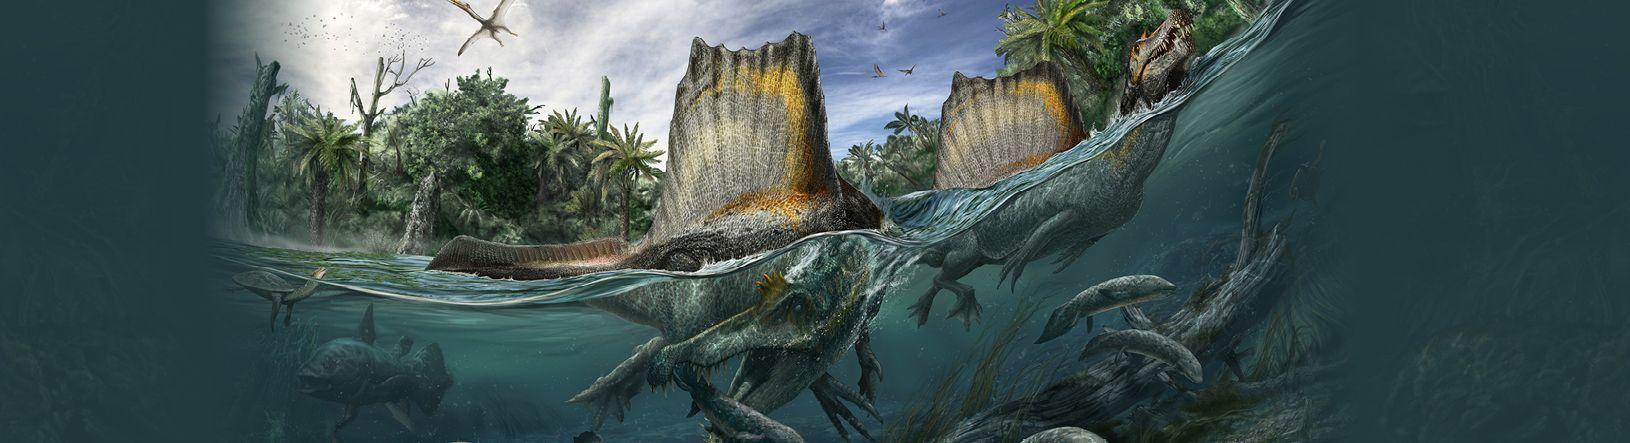 Dinosaur illustration by Davide Bonadonna